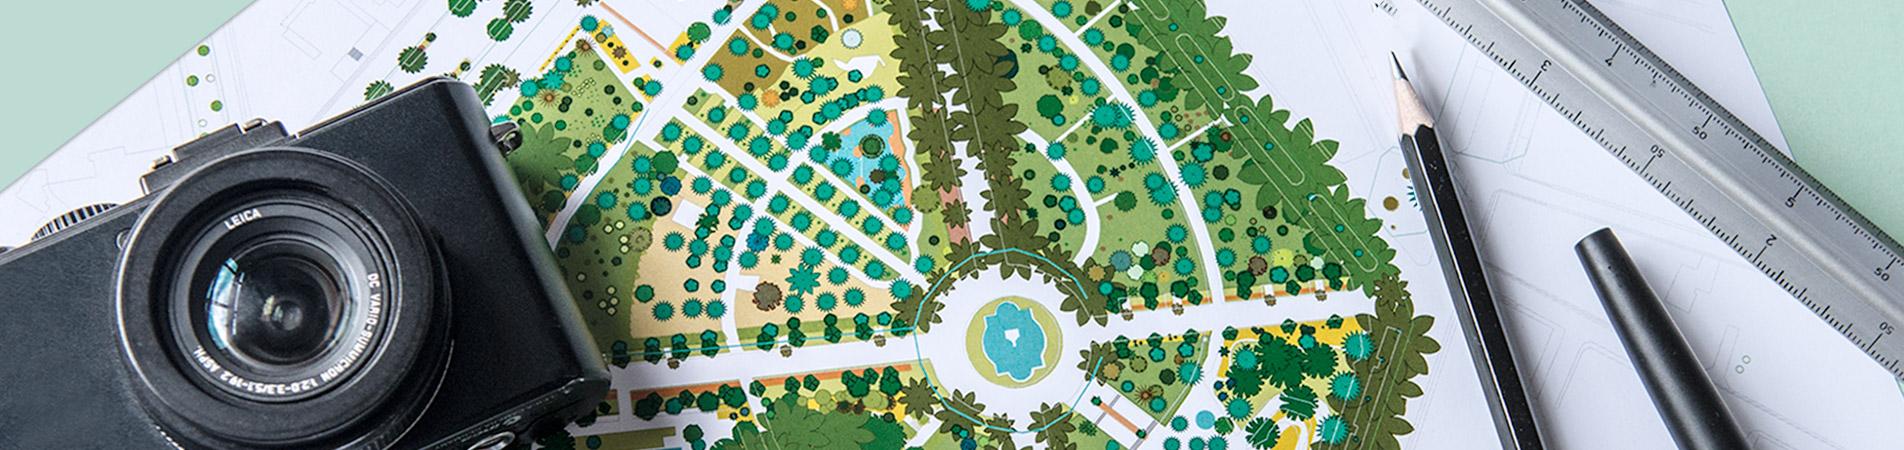 Detalle de una mesa de trabajo de inter jardin, donde se aprecia un fragmento de mapa del Parque Garcia Sanabria, una camara fotografica leica, un lapiz, un boligrafo y un escalimetro